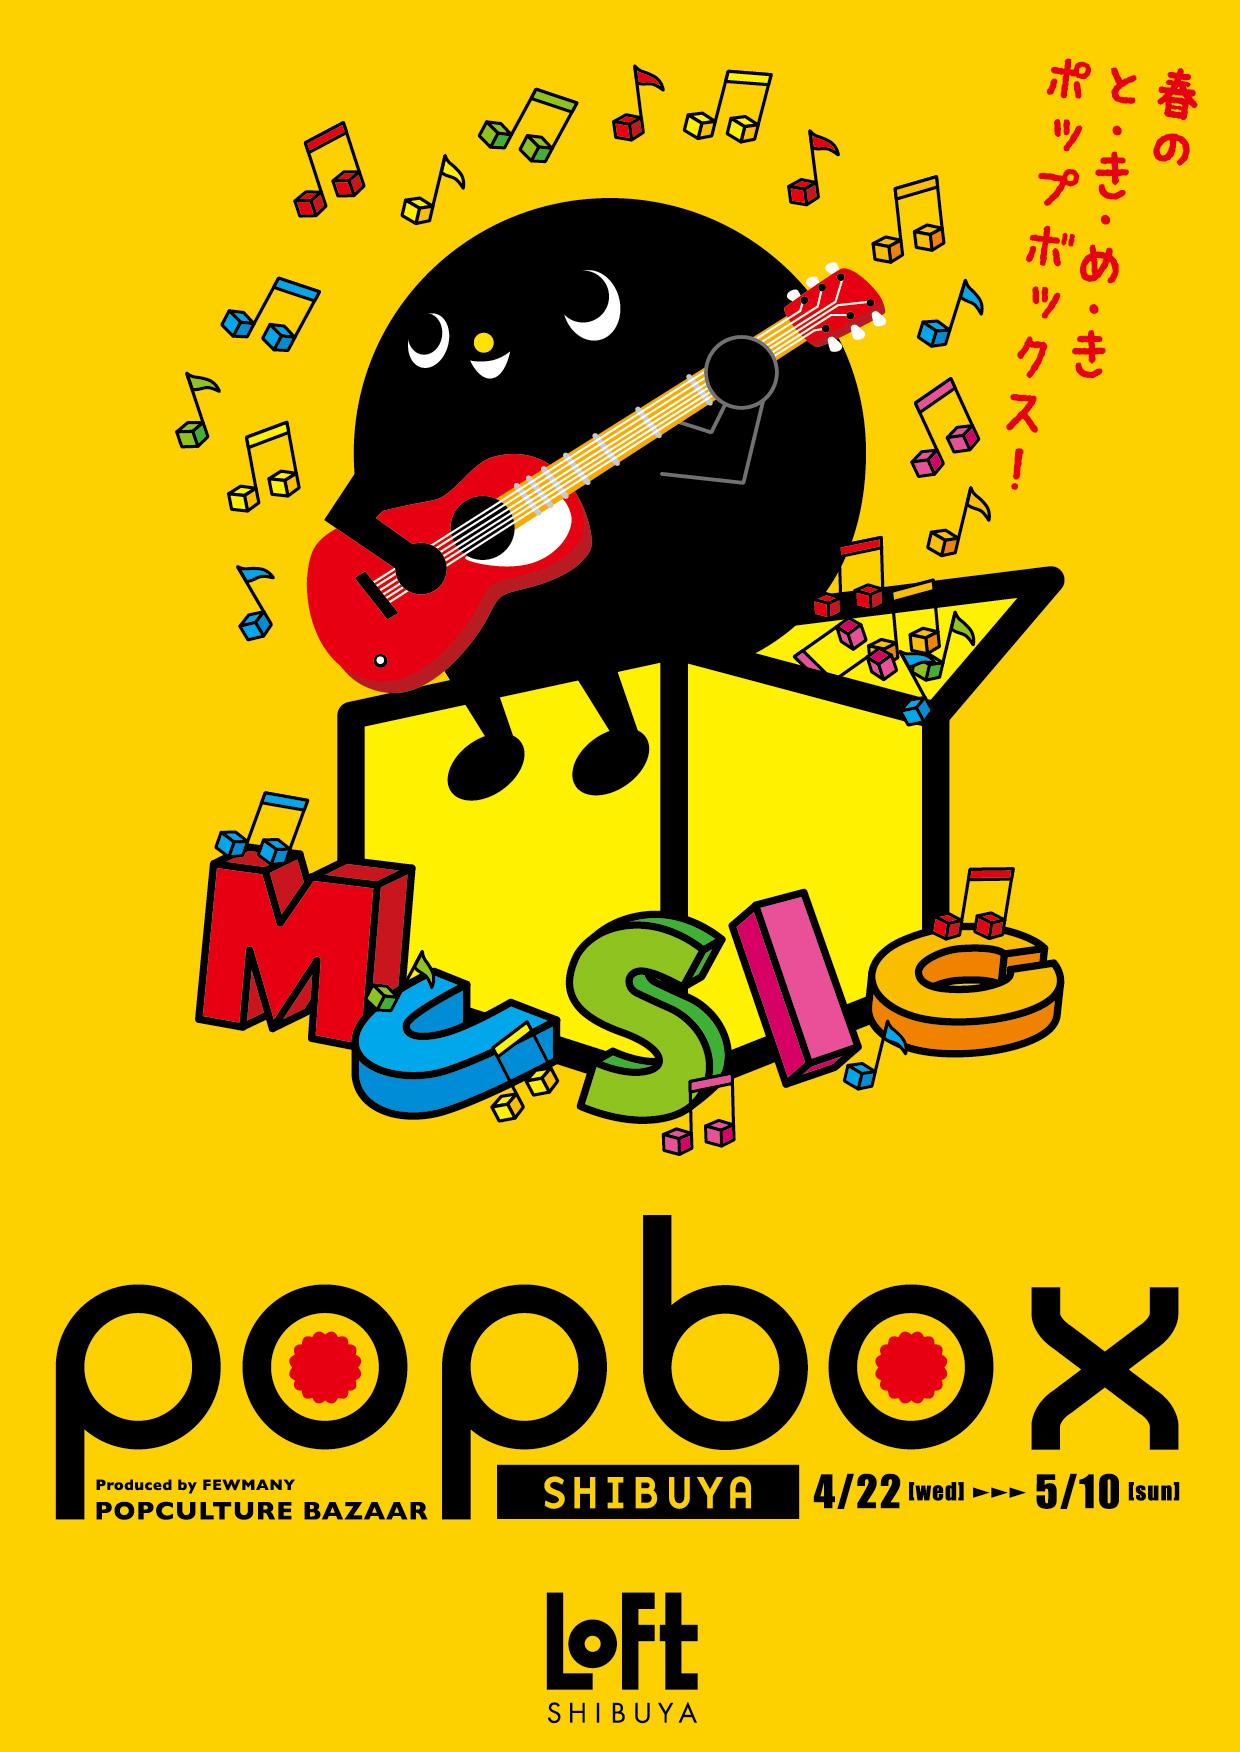 渋谷POPBOXでの各整理券の配布方法です。_f0010033_11495020.jpg